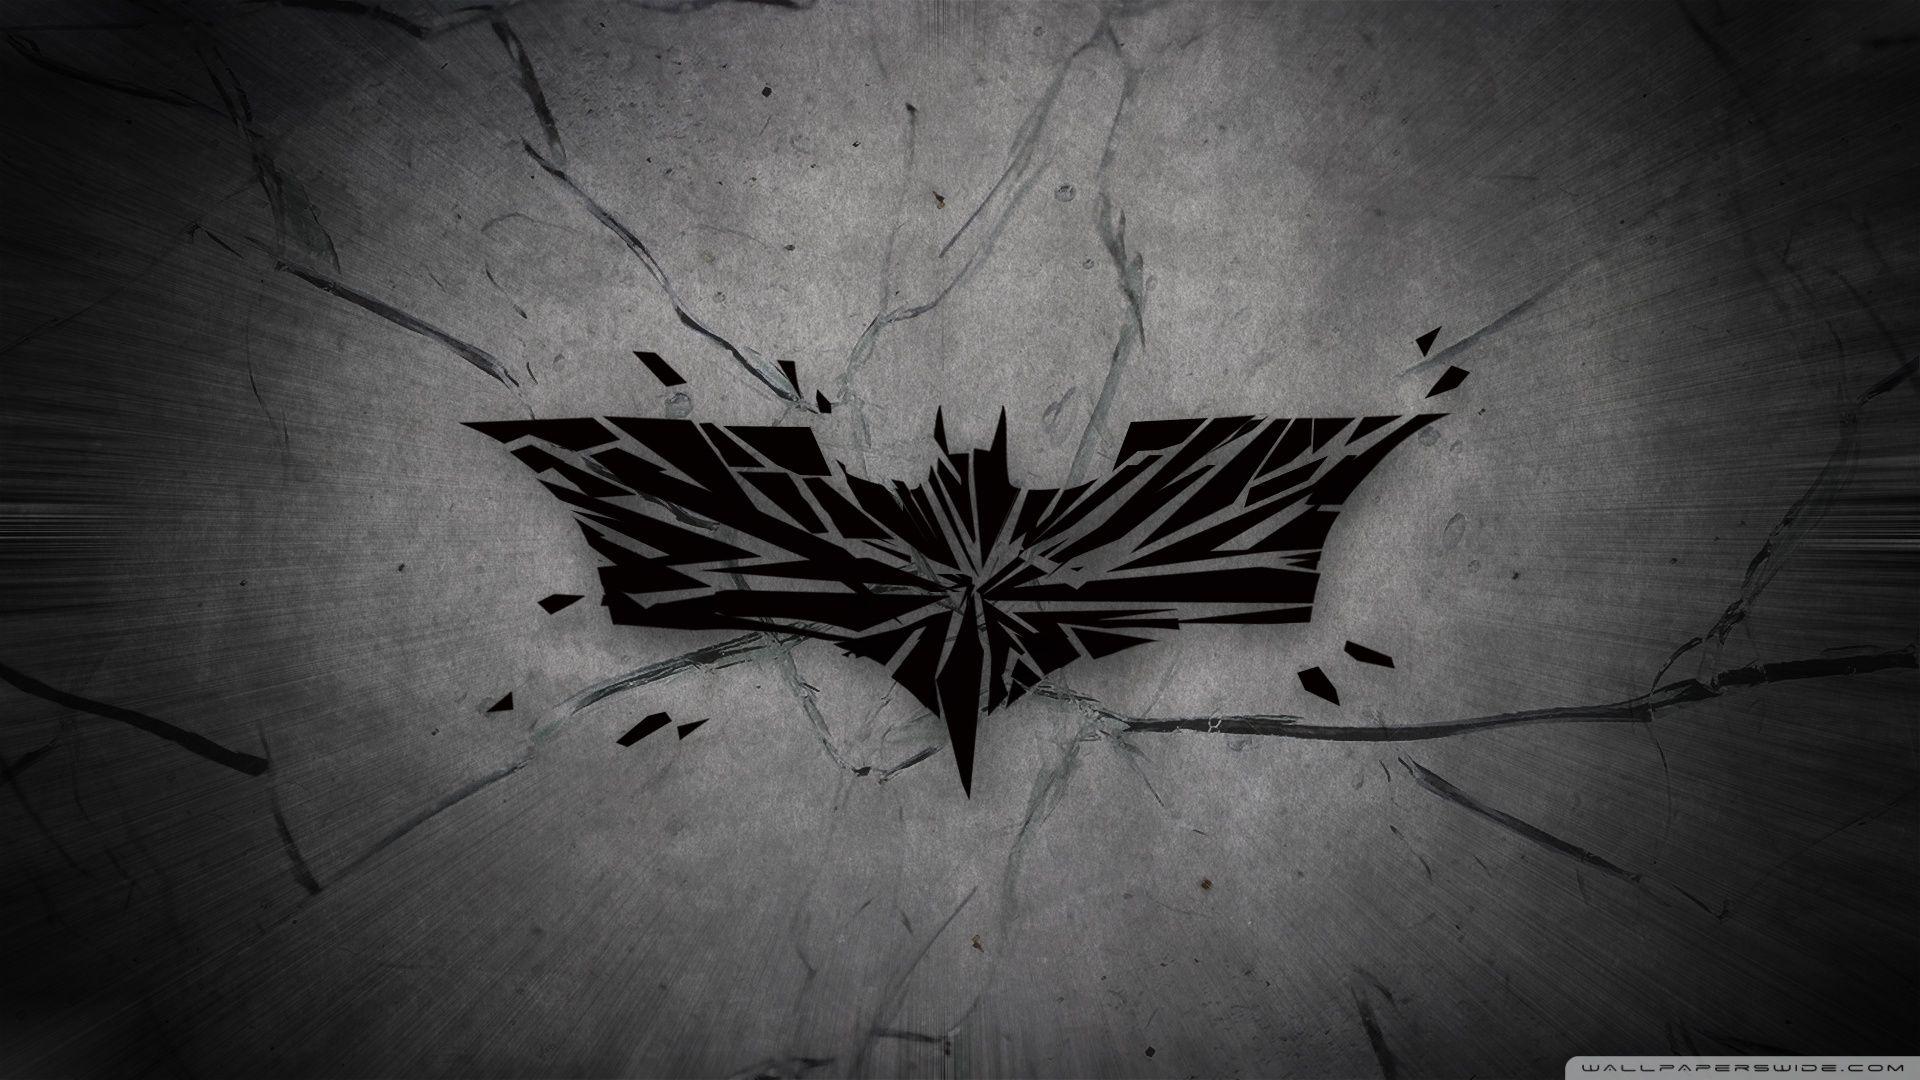 cool batman logo wallpaper hd 1080p - tinzie | guhpix gallery